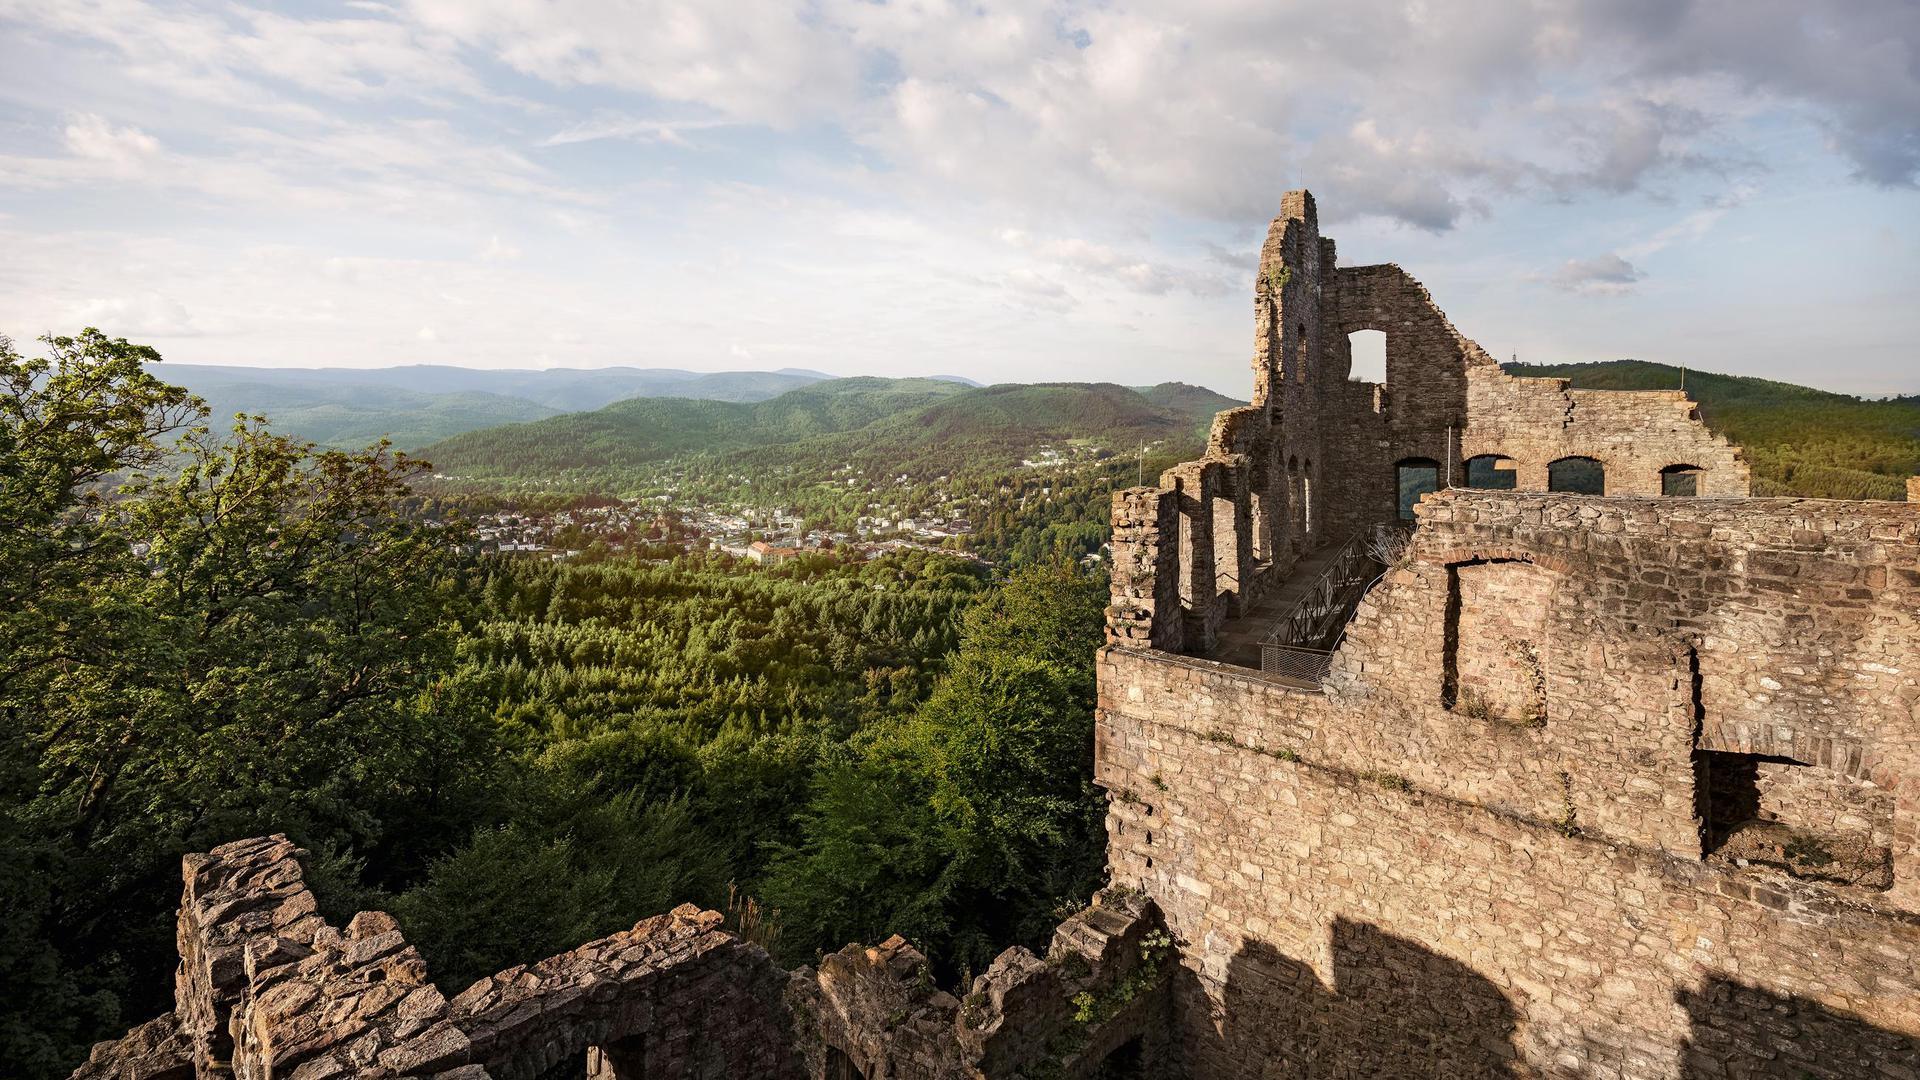 Burgruine Altes Schloss Baden-Baden bietet einen Panoramablick über die Rheinebene, den Schwarzwald und die Vogesen.